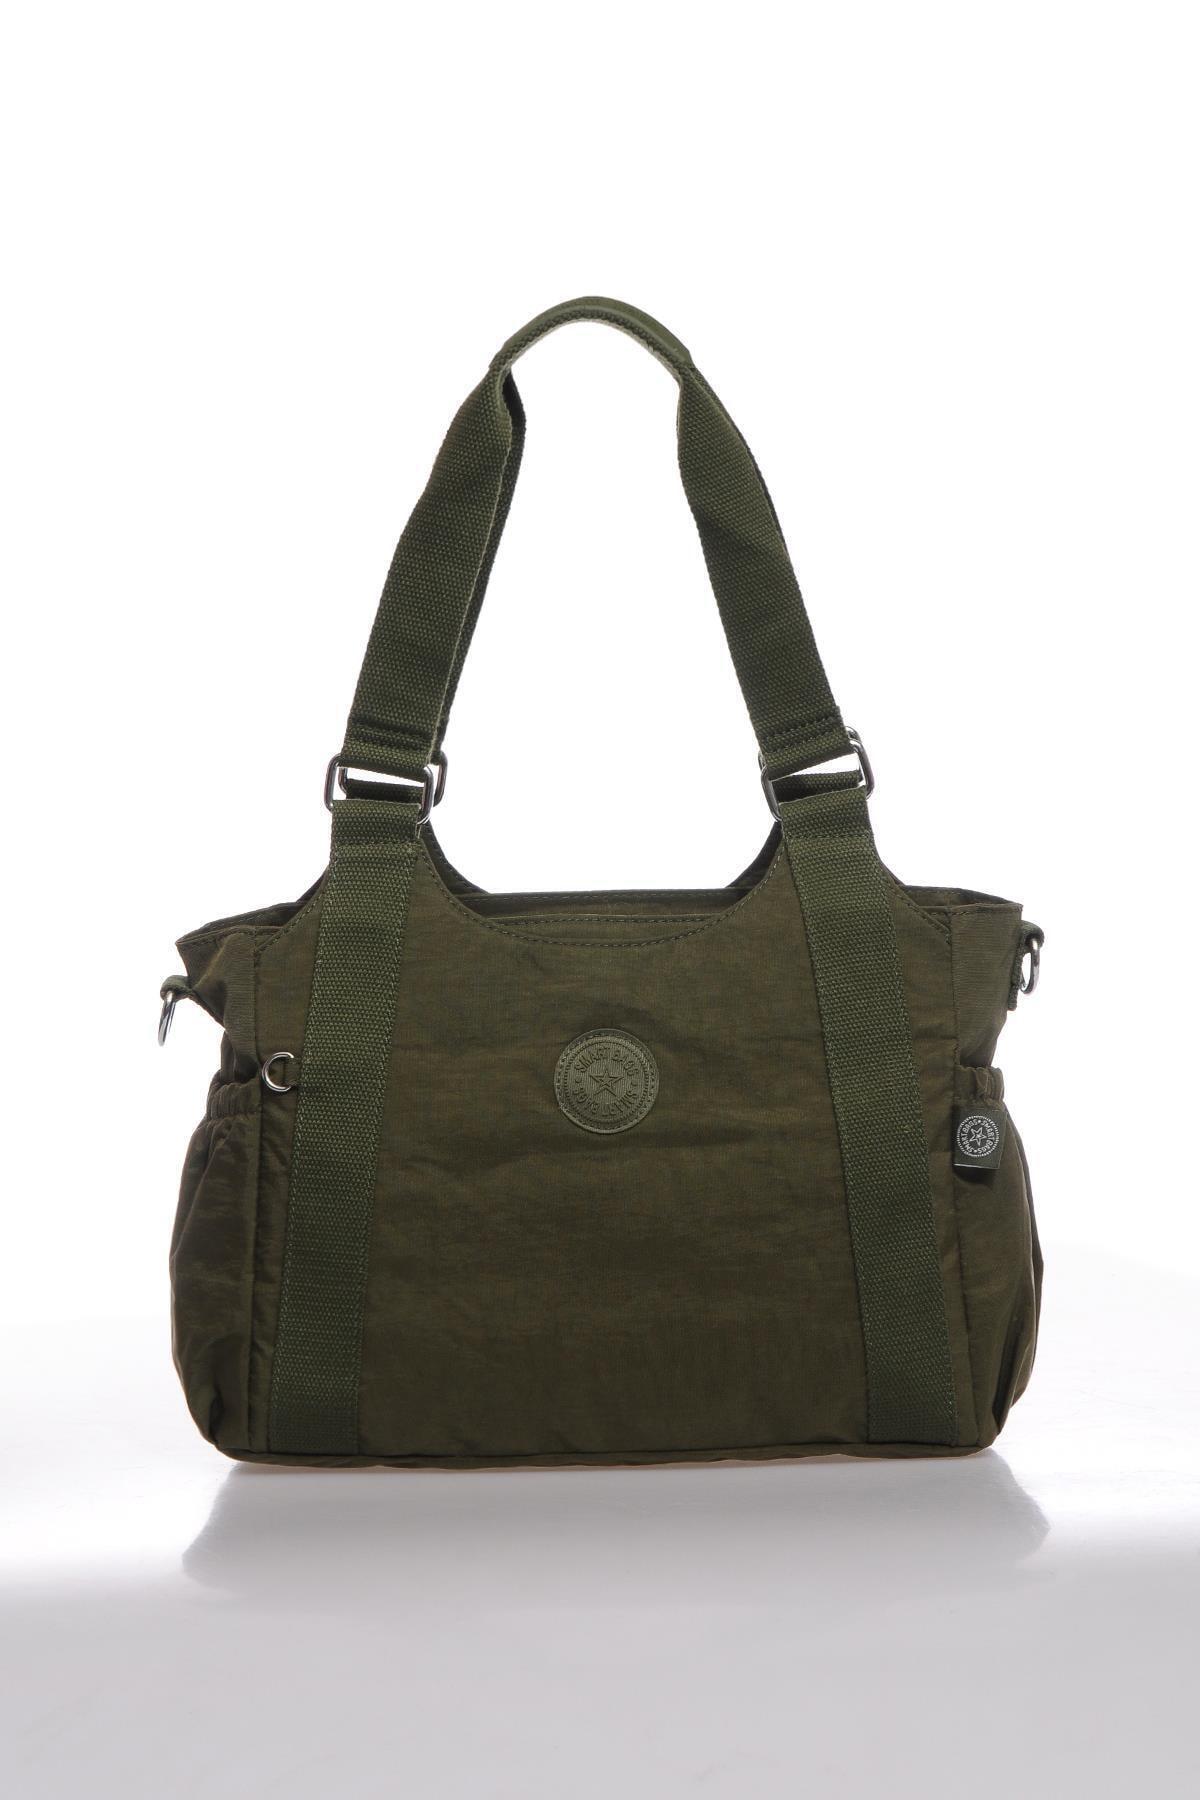 SMART BAGS Kadın Koyu Yeşil Omuz Çantası Smbk1163-0029 1